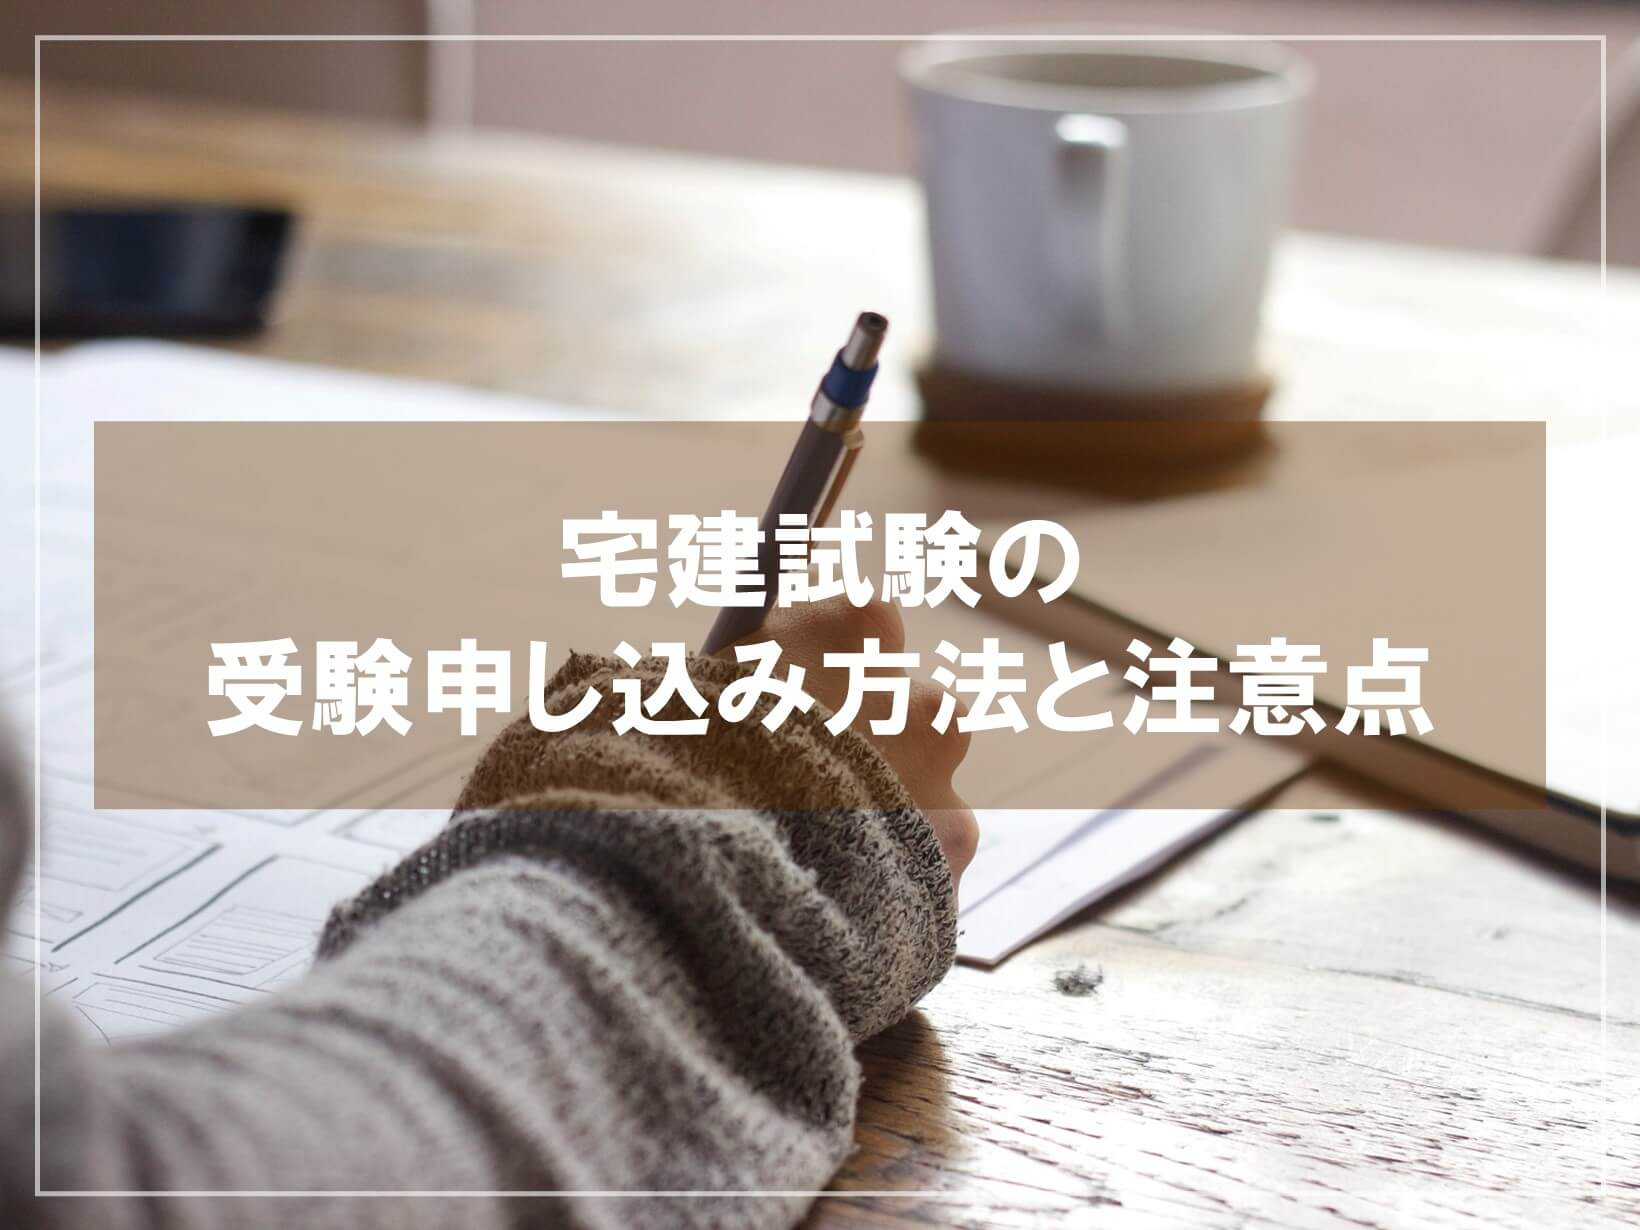 宅建試験の受験申し込み方法と注意点